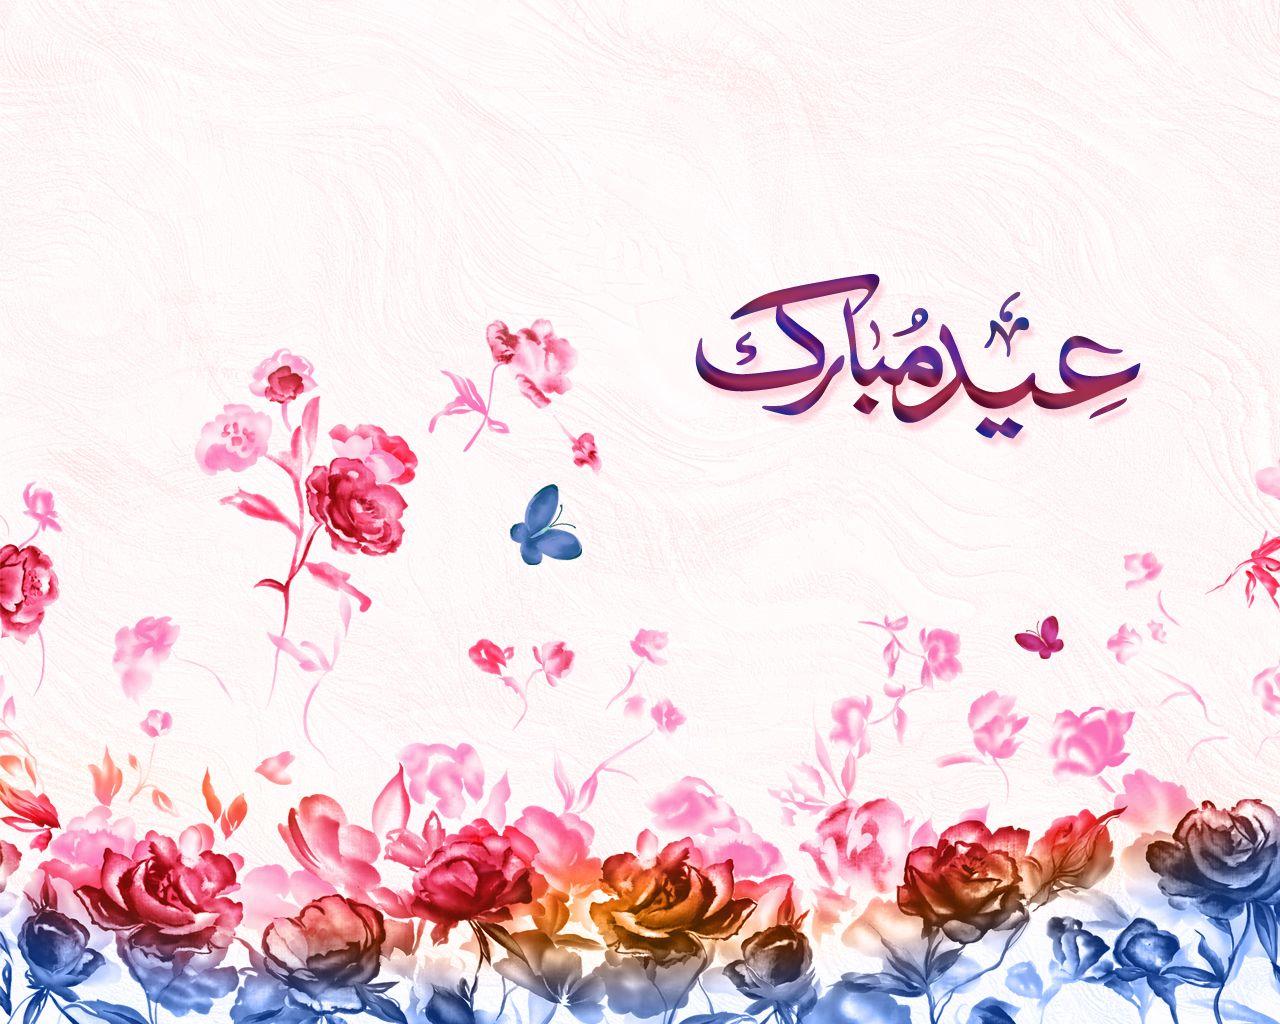 Trendy Wallpaper Eid By Superstarzafar Eid Mubarak Wallpaper Eid Mubarak Greetings Eid Mubarak Stickers